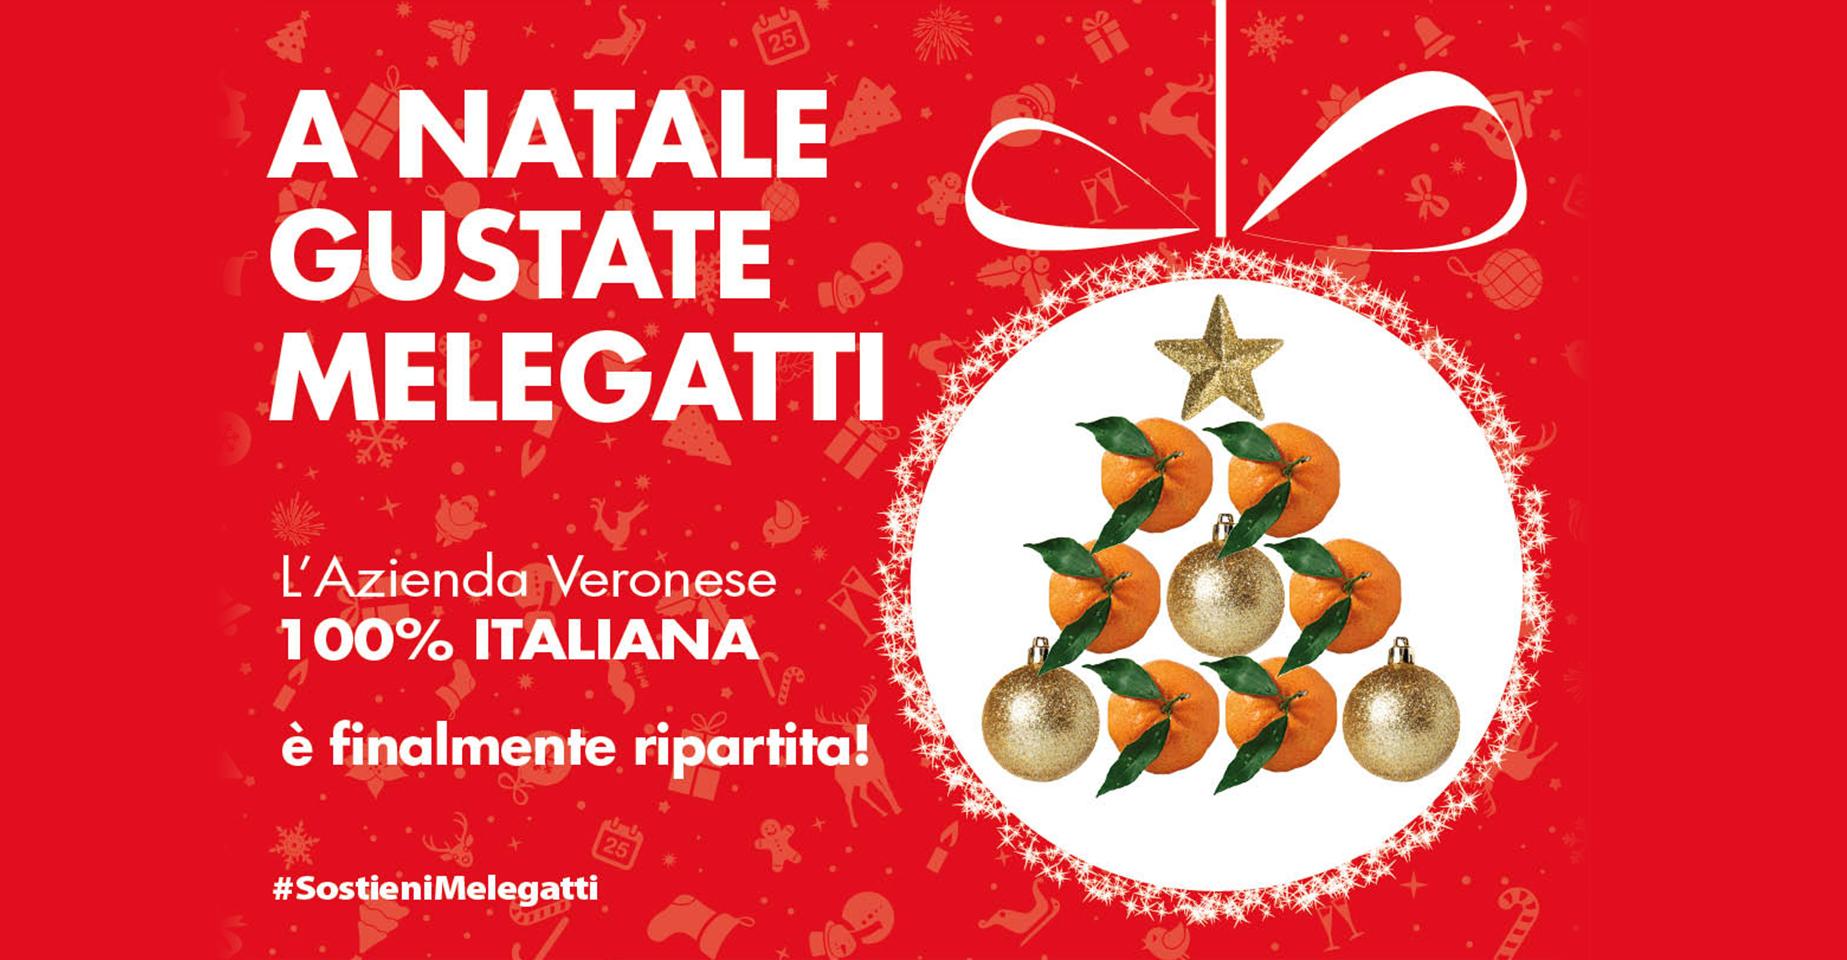 #sostienimelegatti: anche Cadoro supporta la storica azienda di Verona